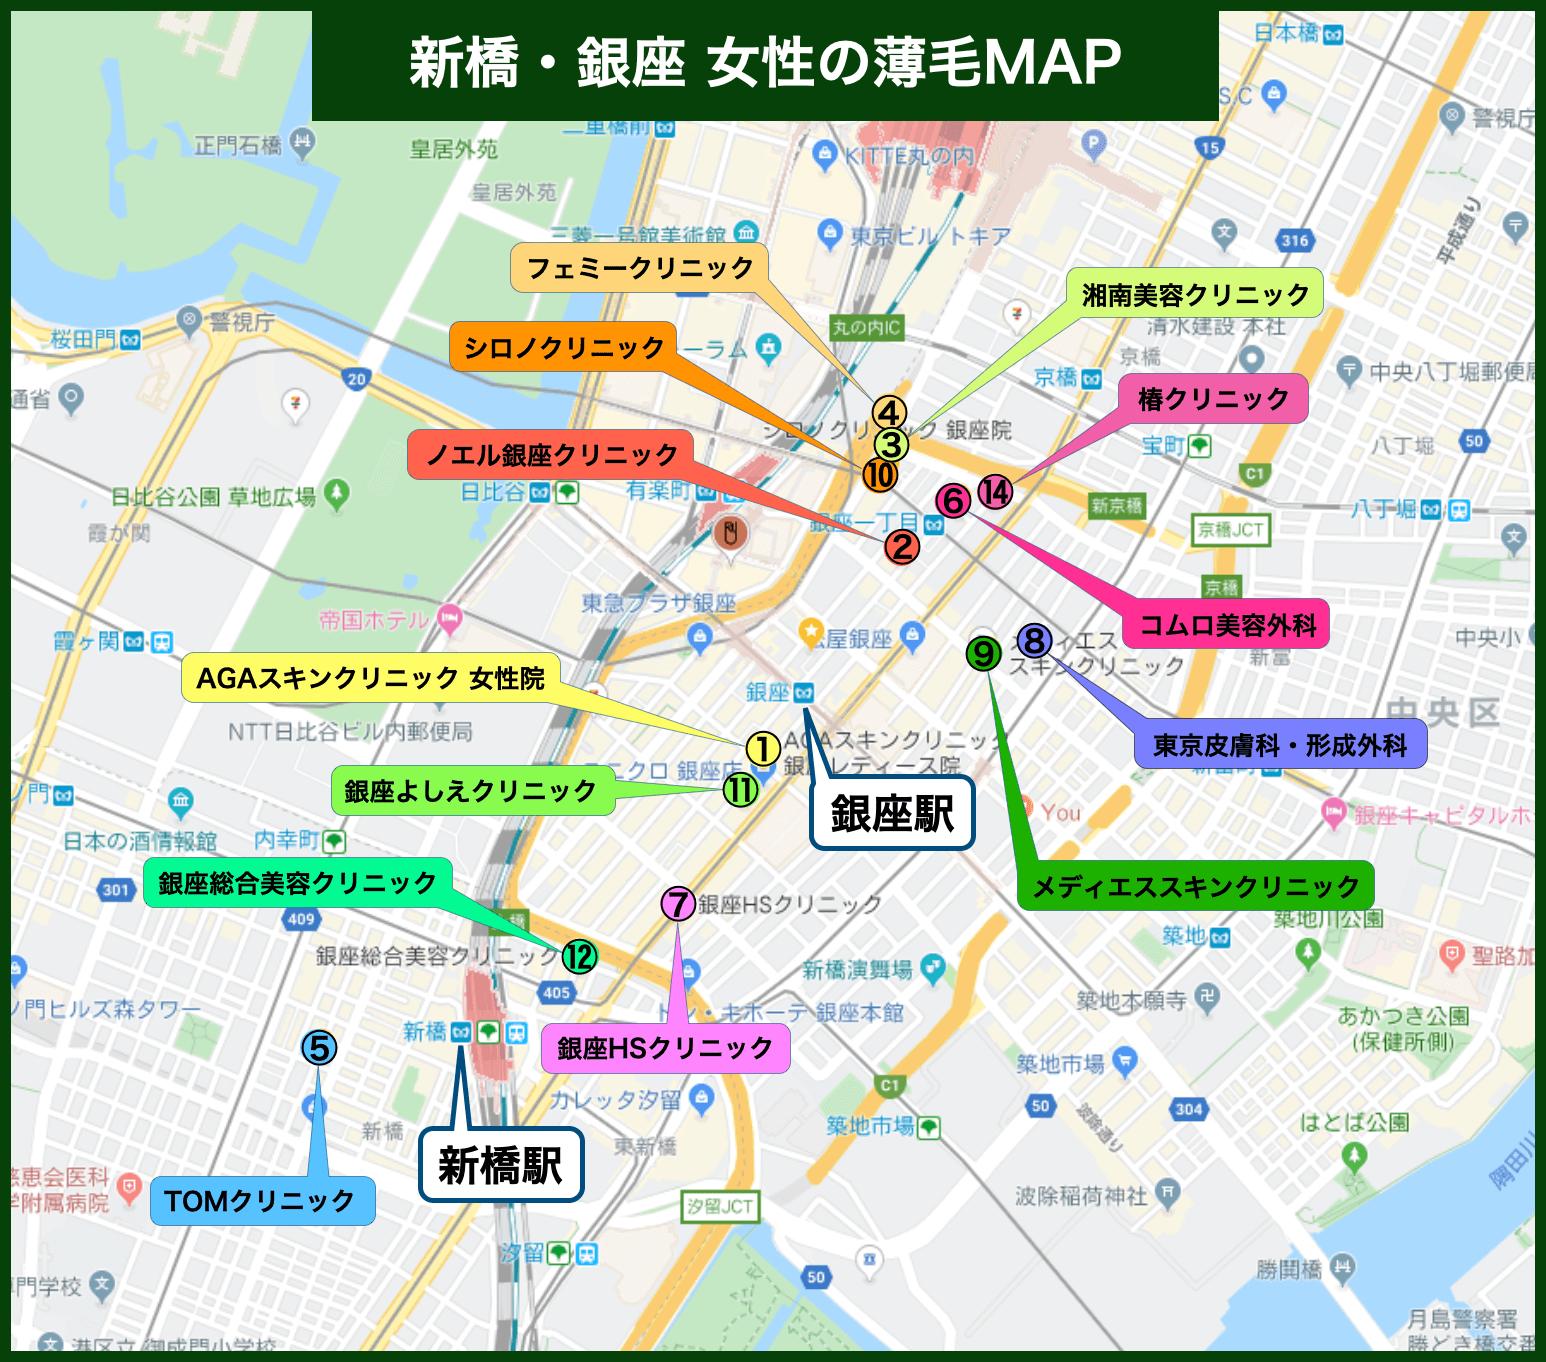 新橋・銀座 女性の薄毛MAP